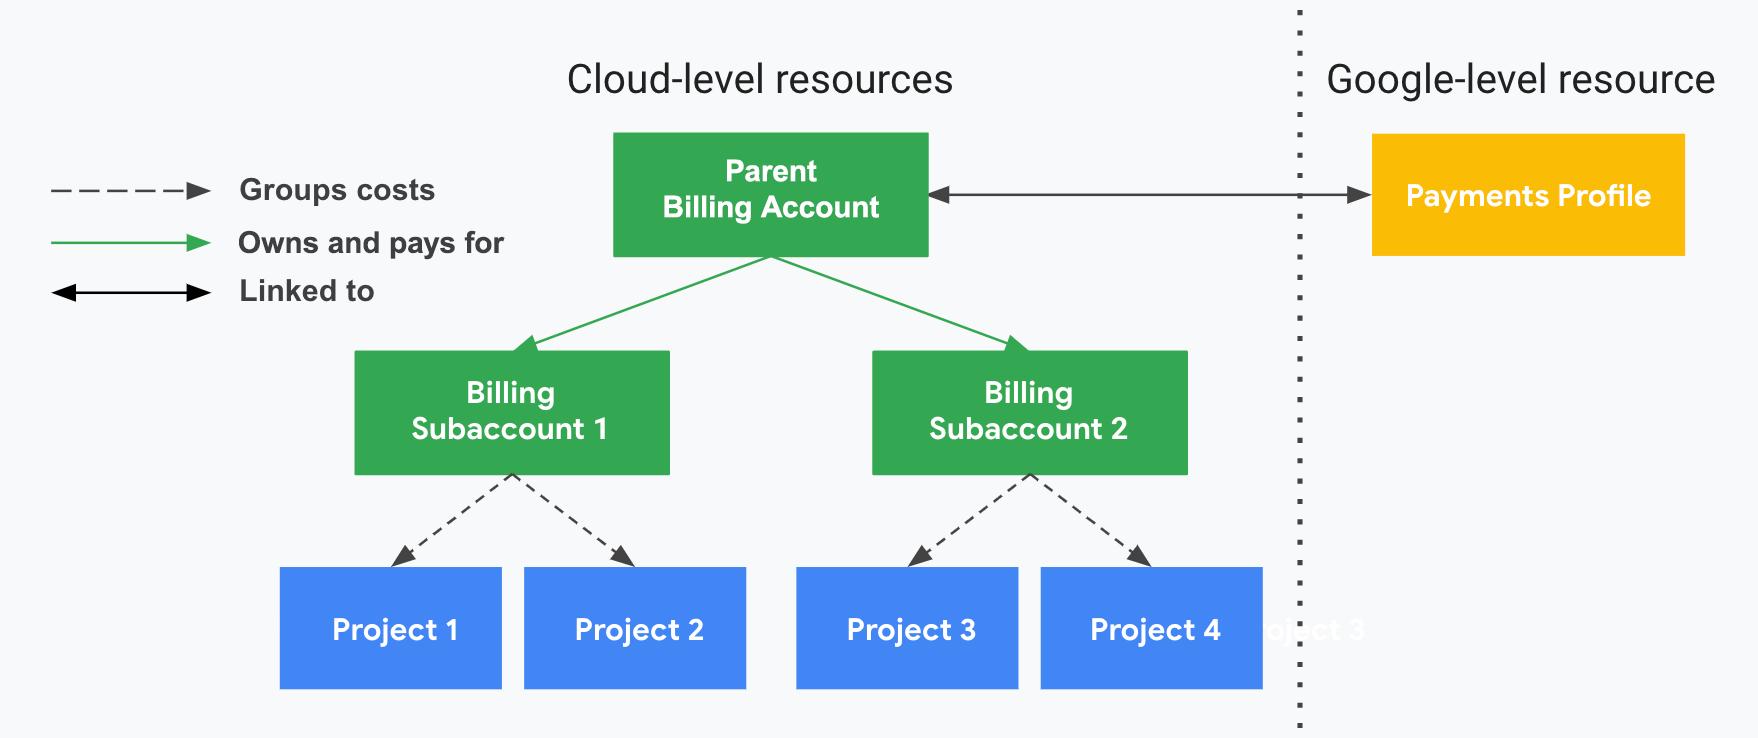 Illustre la relation entre les projets, les comptes CloudBilling et les sous-comptes CloudBilling, ainsi que votre profil de paiement. Un côté affiche vos ressources au niveau du cloud (compte CloudBilling, sous-comptes et projets associés) et l'autre, divisé par une ligne pointillée verticale, affiche votre ressource Google (profil de paiement). Les paiements de vos projets sont assurés par vos sous-comptes CloudBilling. Les paiements de vos sous-comptes sont assurés par votre compte CloudBilling principal, qui est associé à votre profil de paiement.